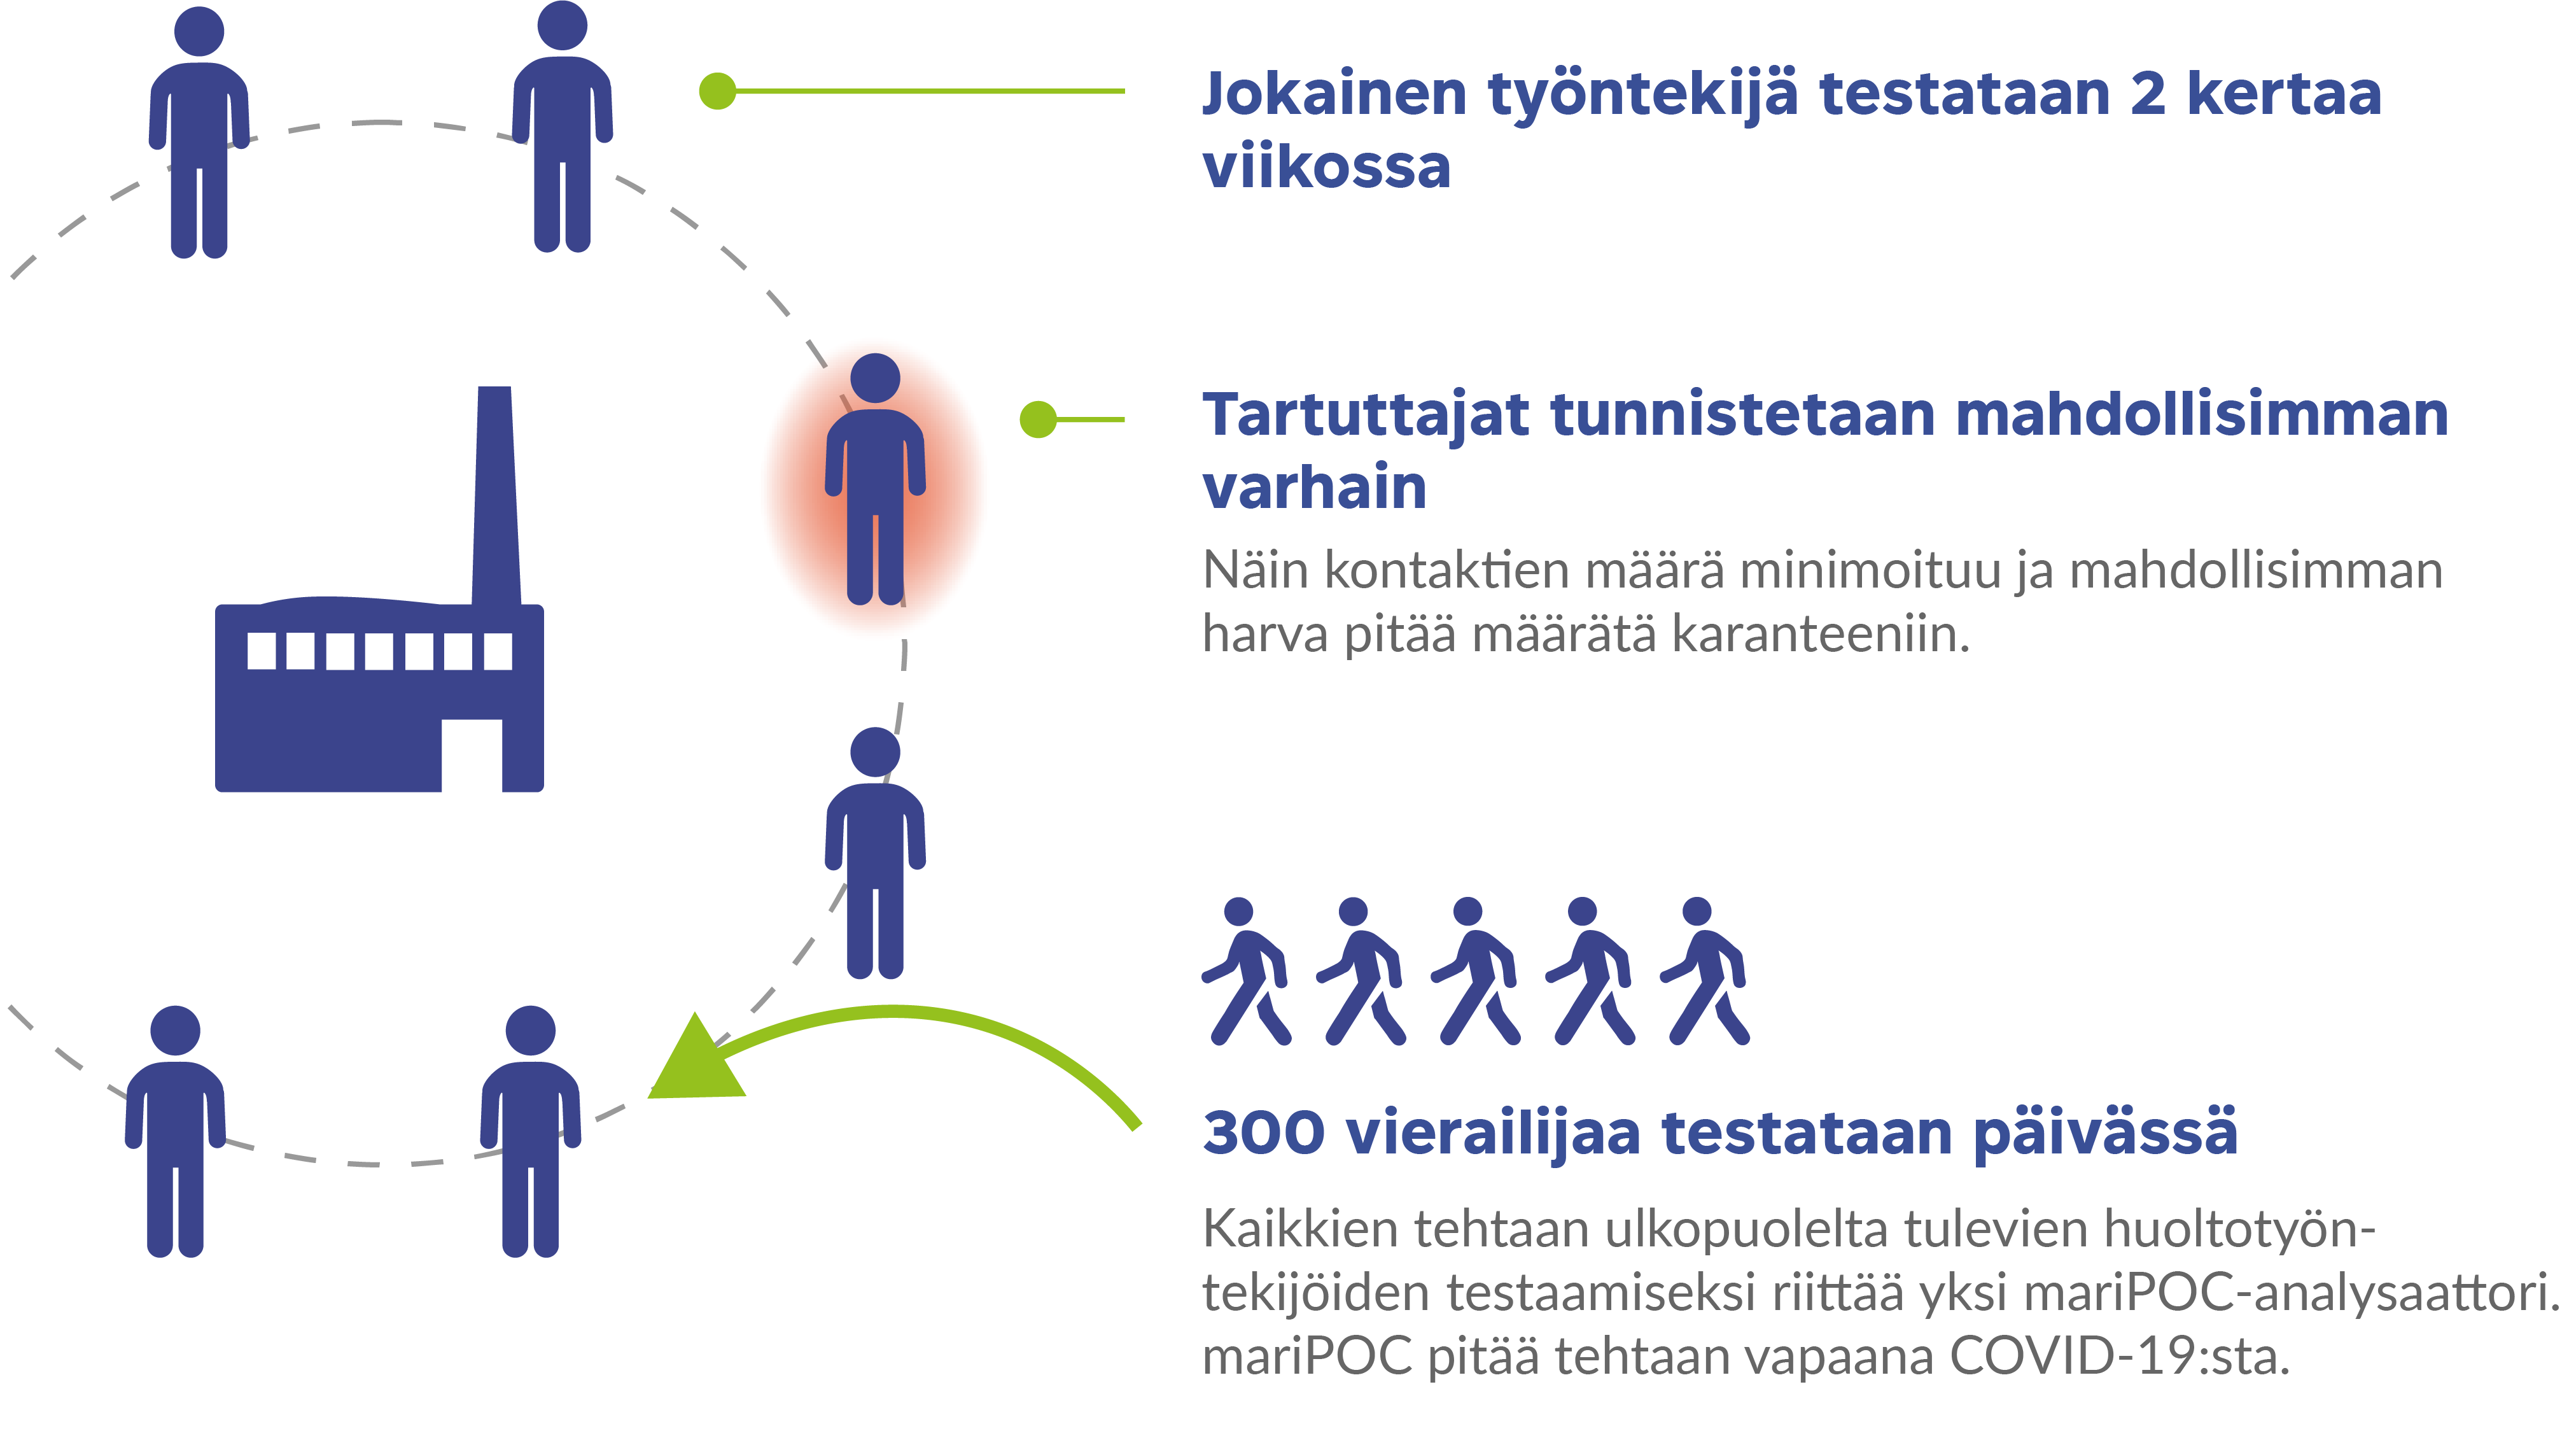 mariPOC koronavirustestaus työpaikoilla kaavio